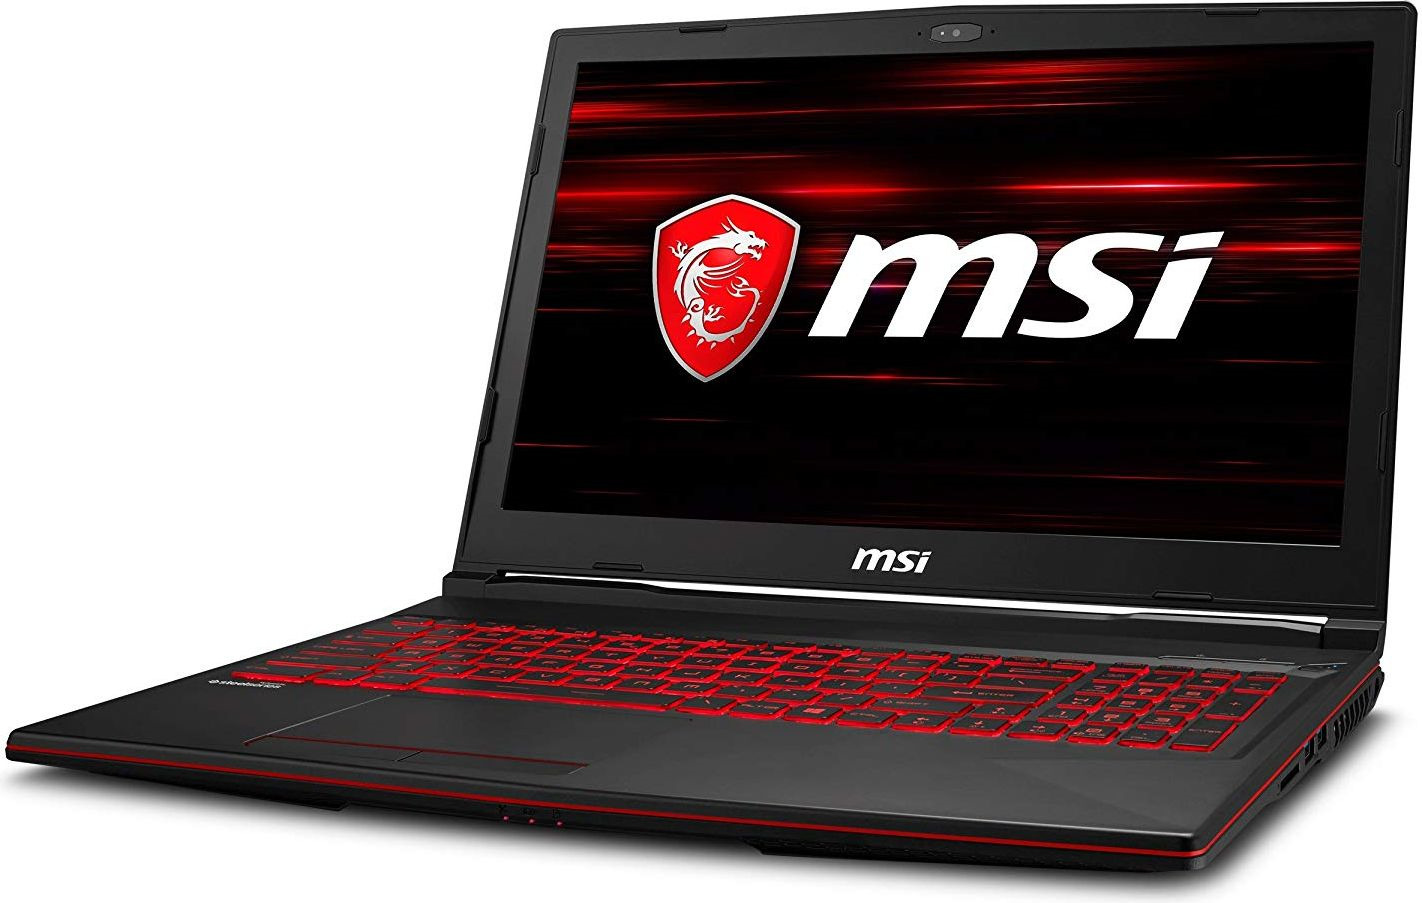 Игровой ноутбук MSI GL63 8SC 9S7-16P812-007, черный бра favourite fabia 2303 1w